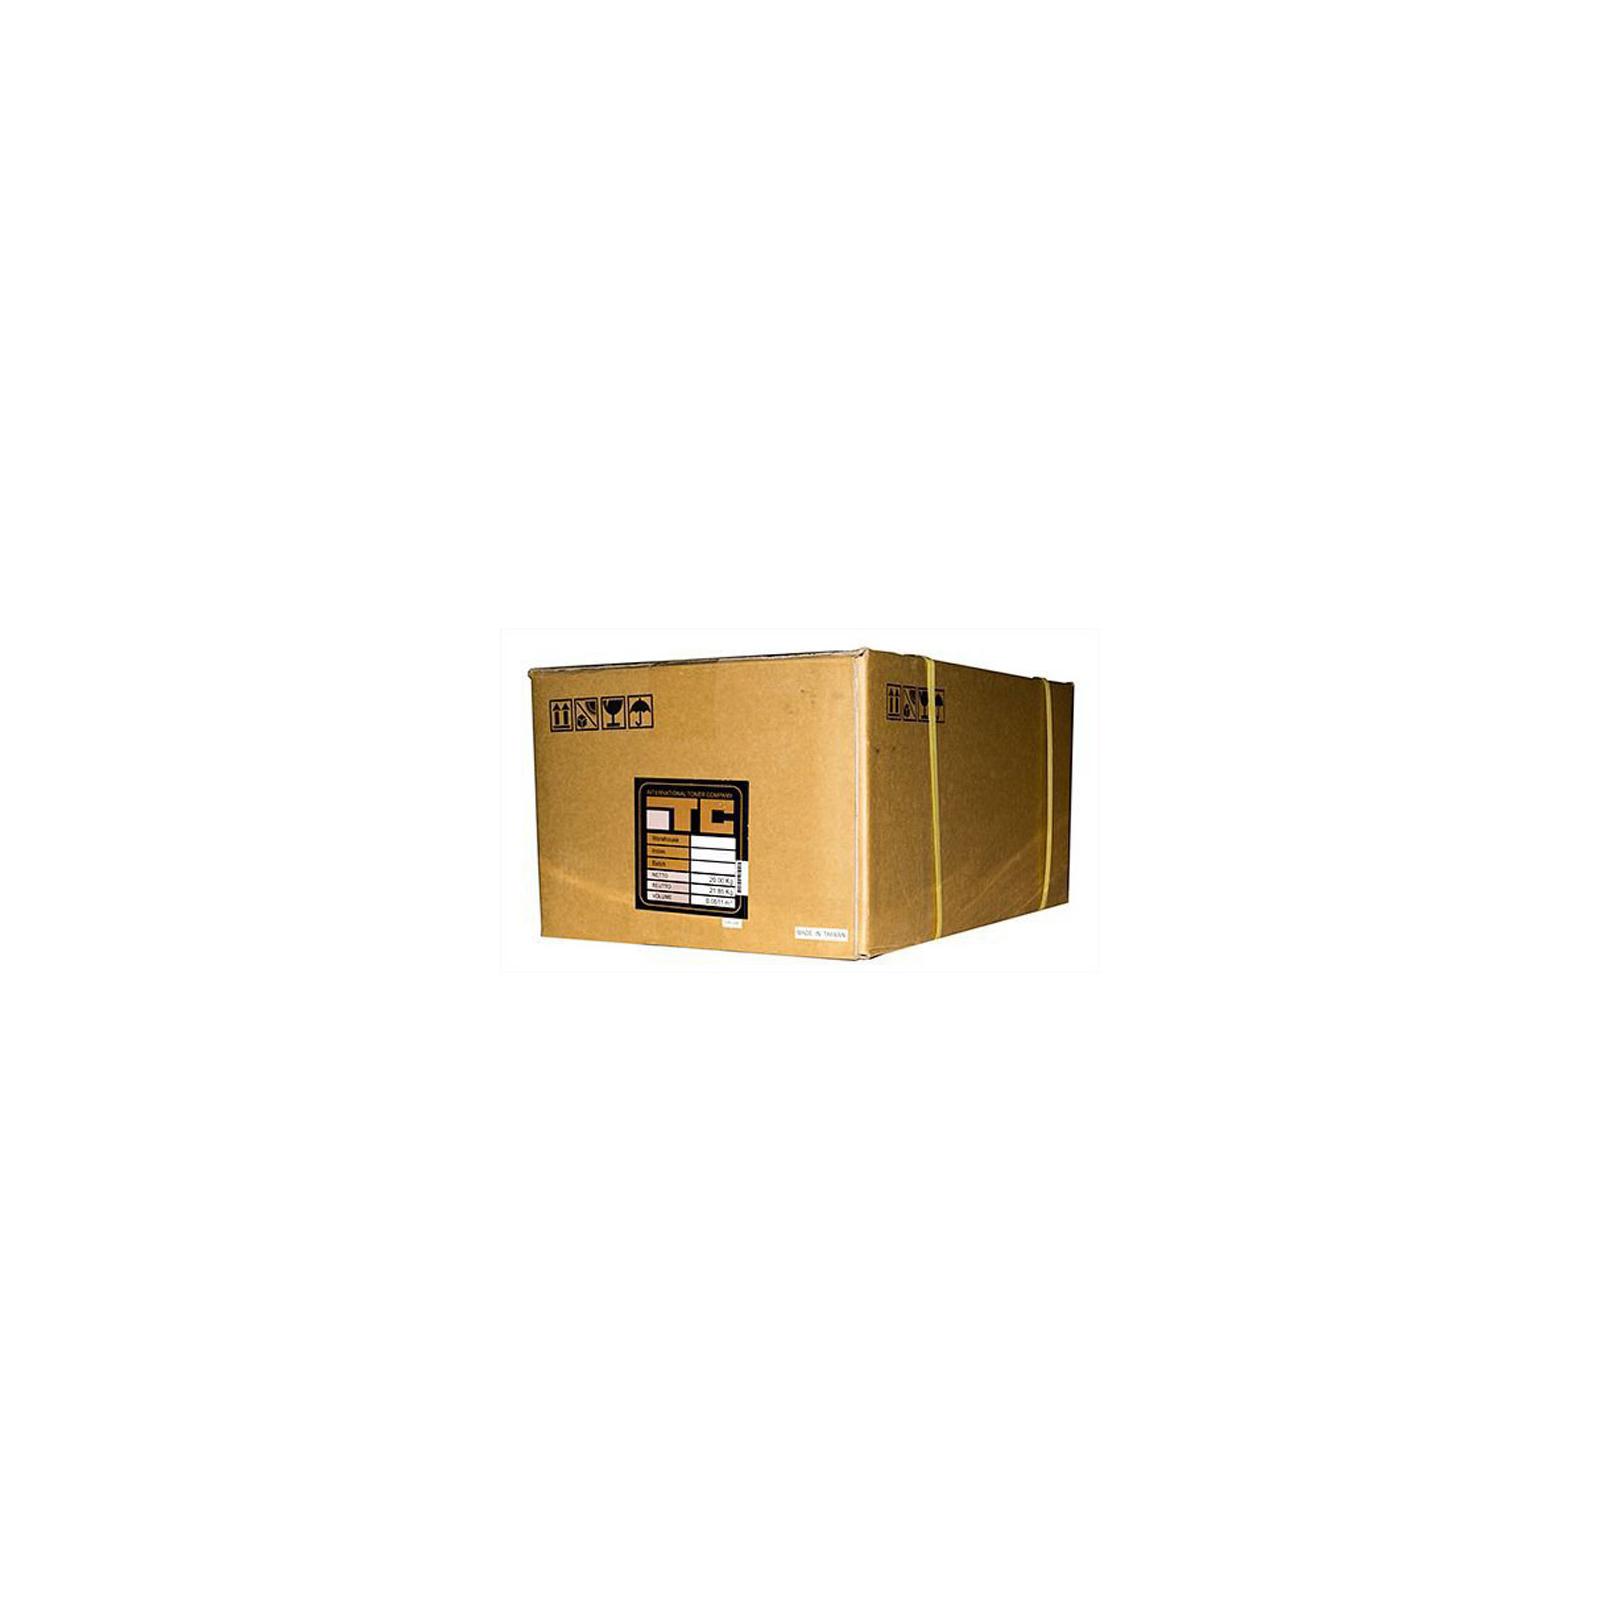 Тонер TTI HP LJ1010/1200/2100/4000/5000 T105-1(2) (NB-014 A1)